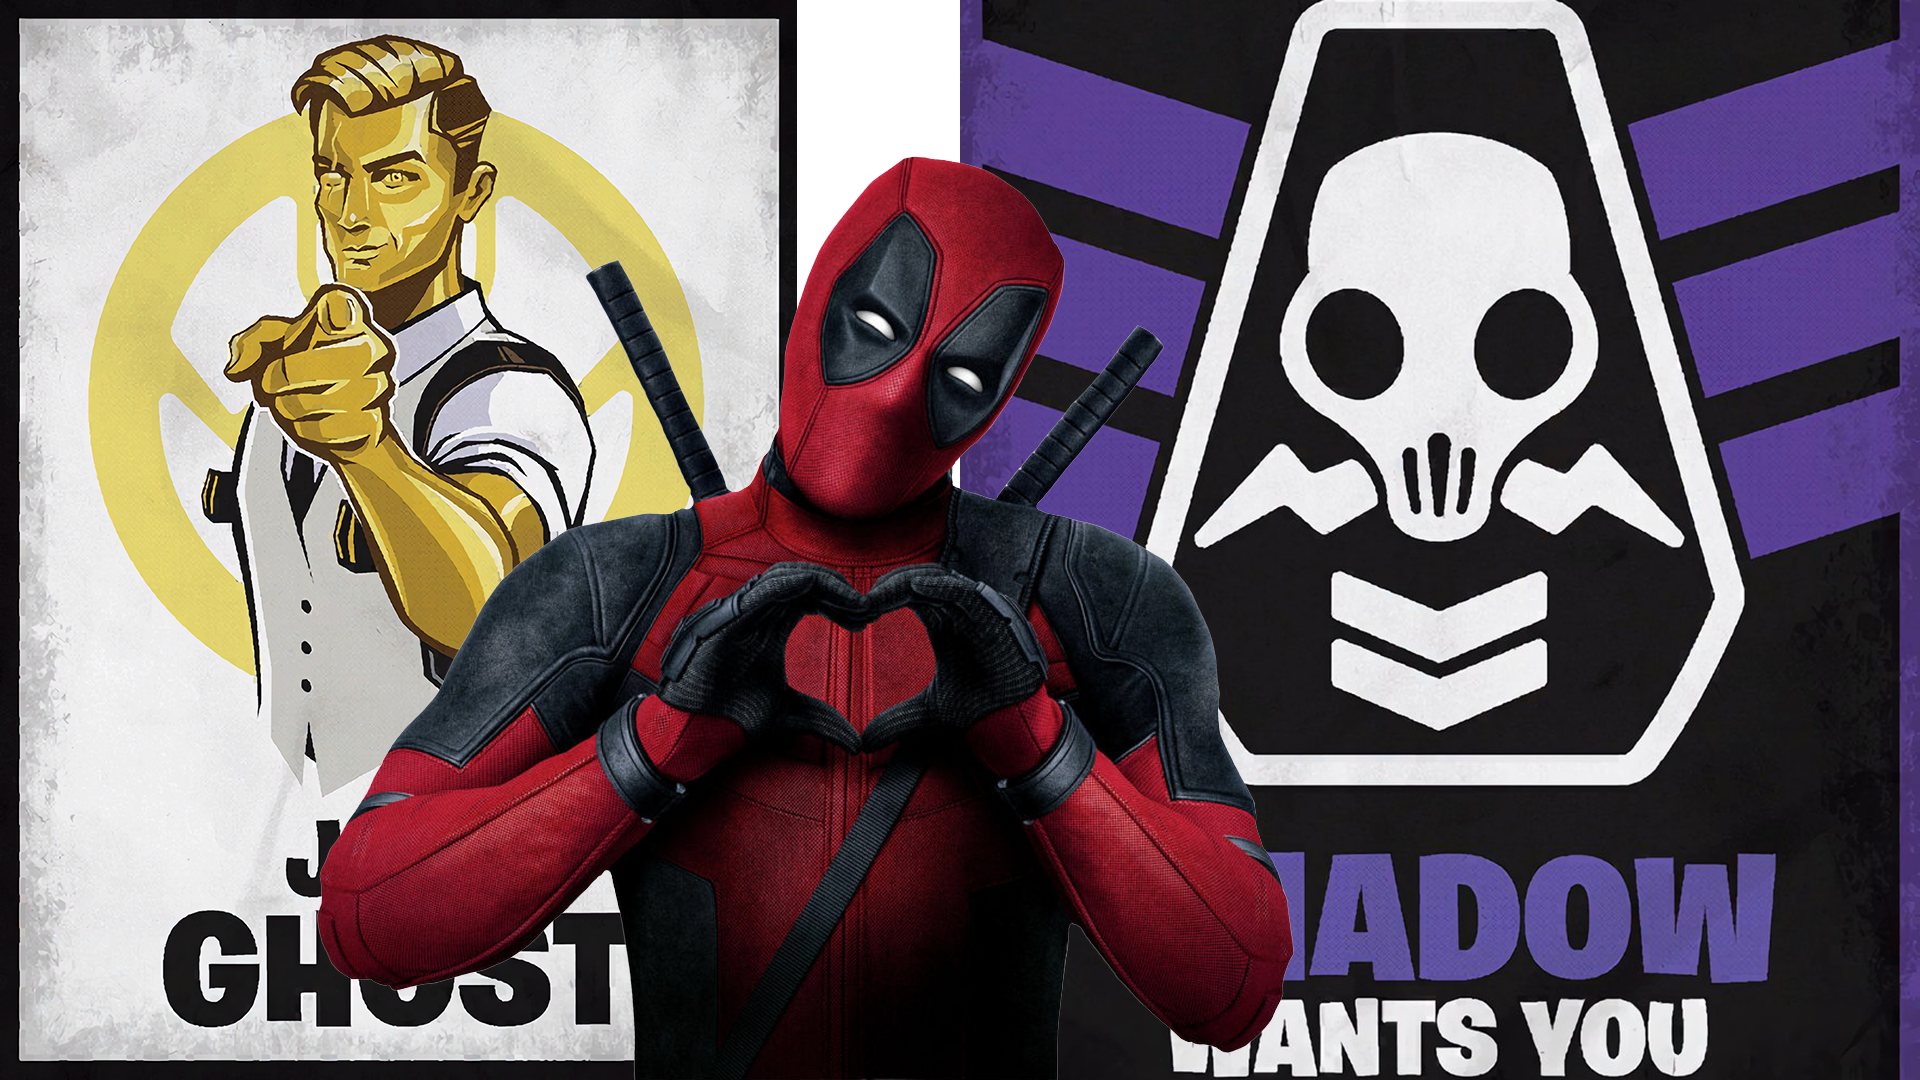 Desafíos de Fortnite Deadpool: dónde desfigurar los carteles y encontrar un gran marcador negro 74